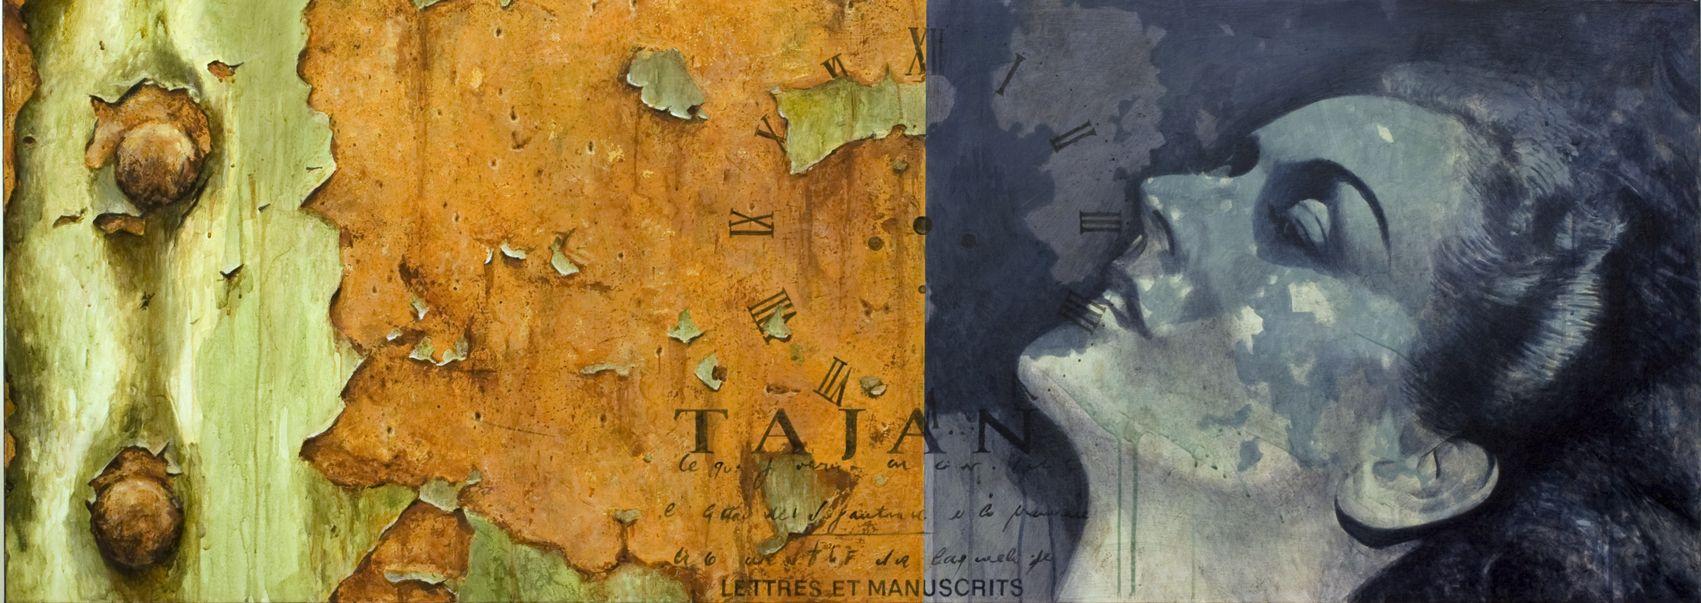 Les Éphémères 100319 - Paul Beliveau